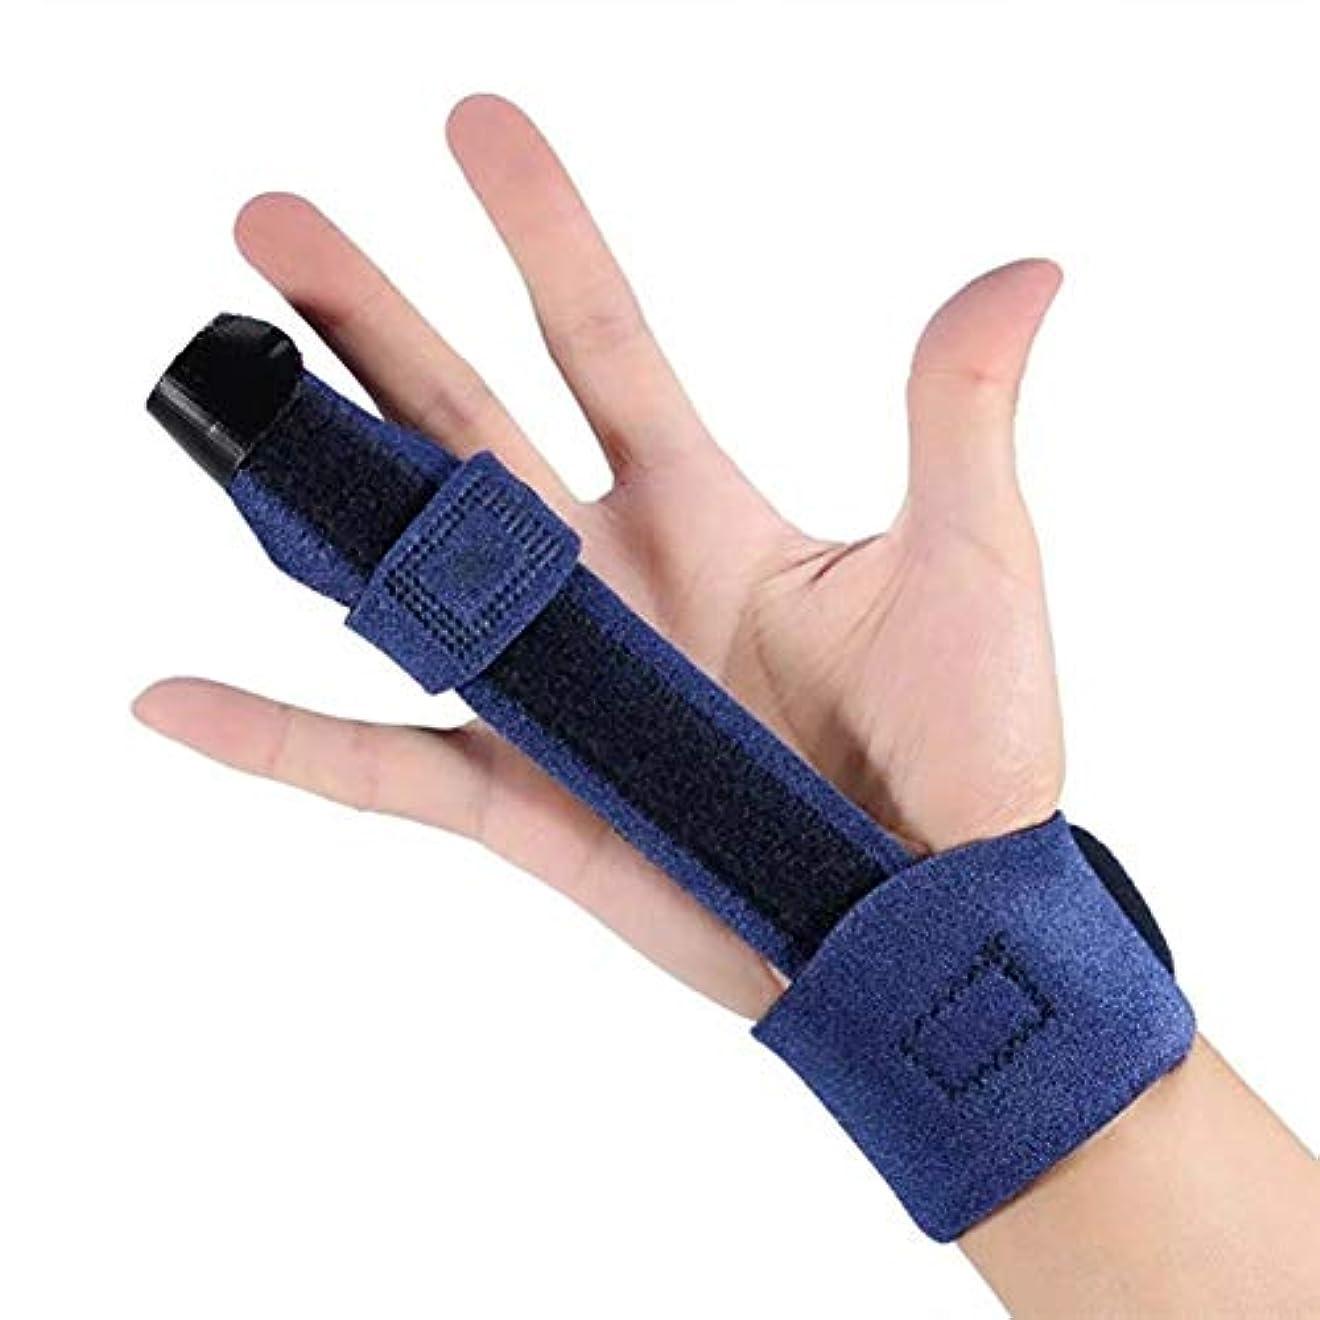 誰が何十人も祭司フィンガースプリントフィンガーボードフィンガーセパレーター,フィンガースプリント、指拡張スプリント、指ナックル固定化、傷、術後ケアと痛みを軽減します